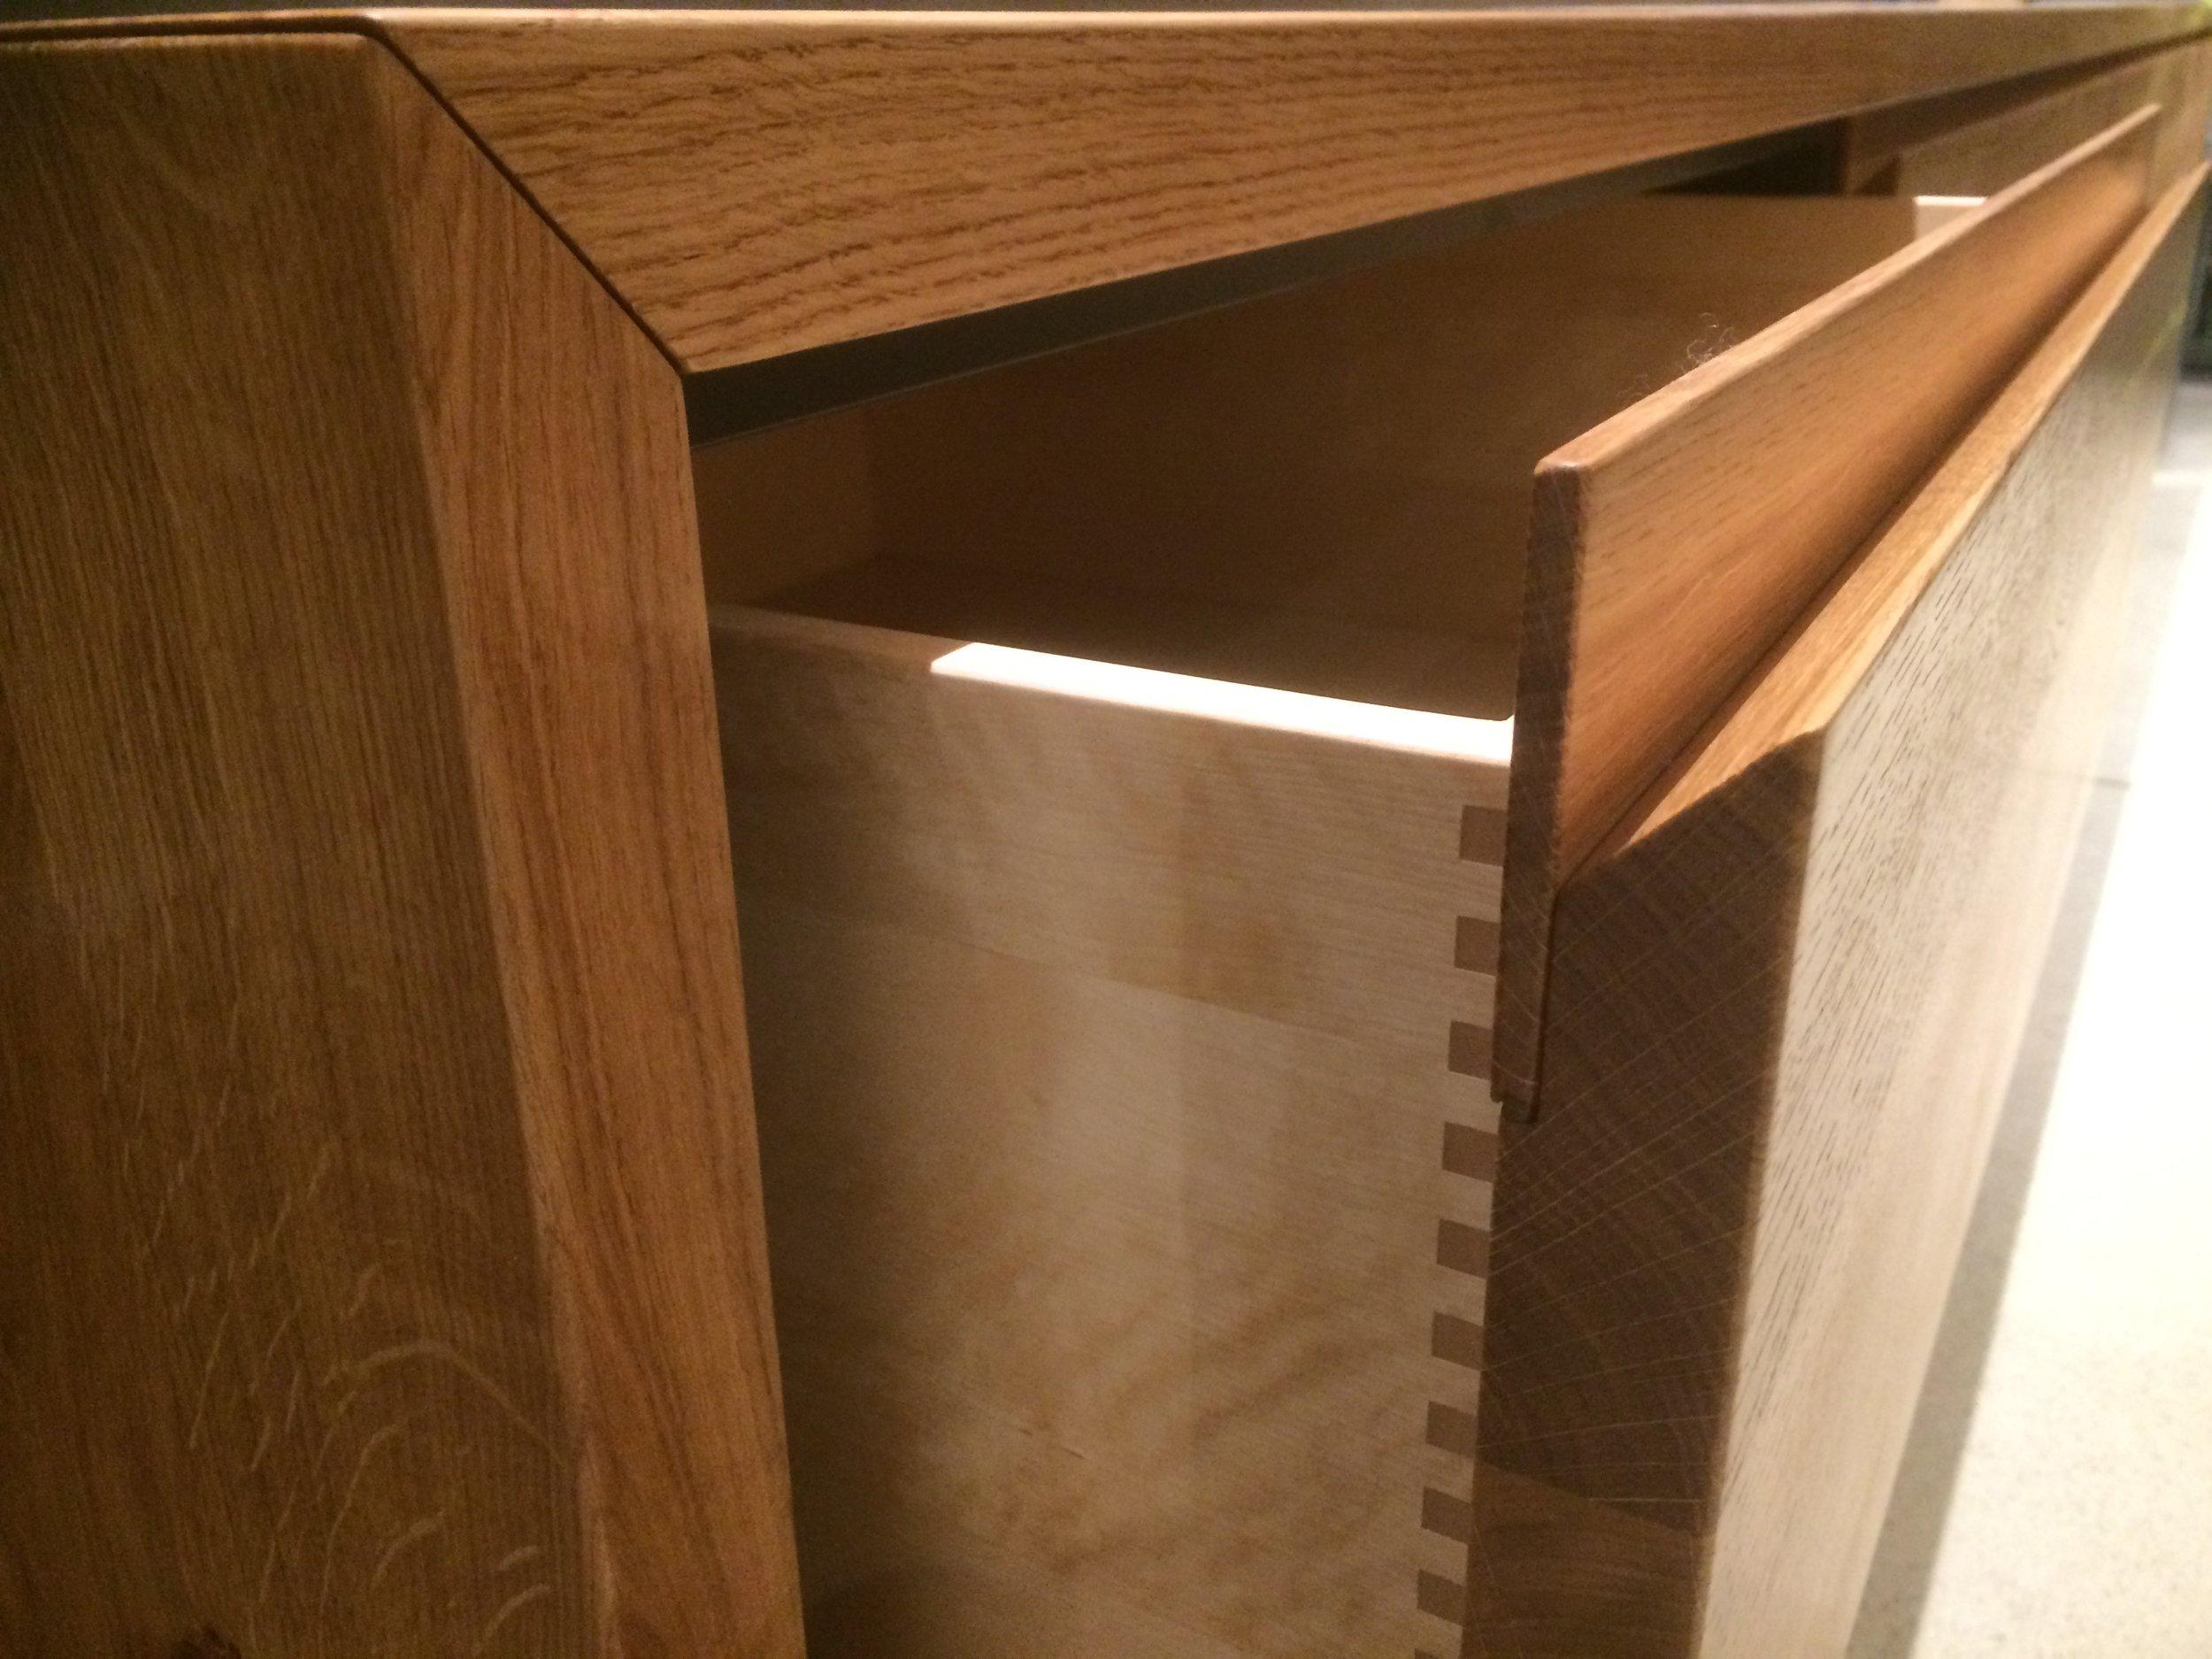 Seiten und Deckplatte auf Gehrung verbunden - Wertige Schubladen aus Birke und unsere Grifflosen Fronten.